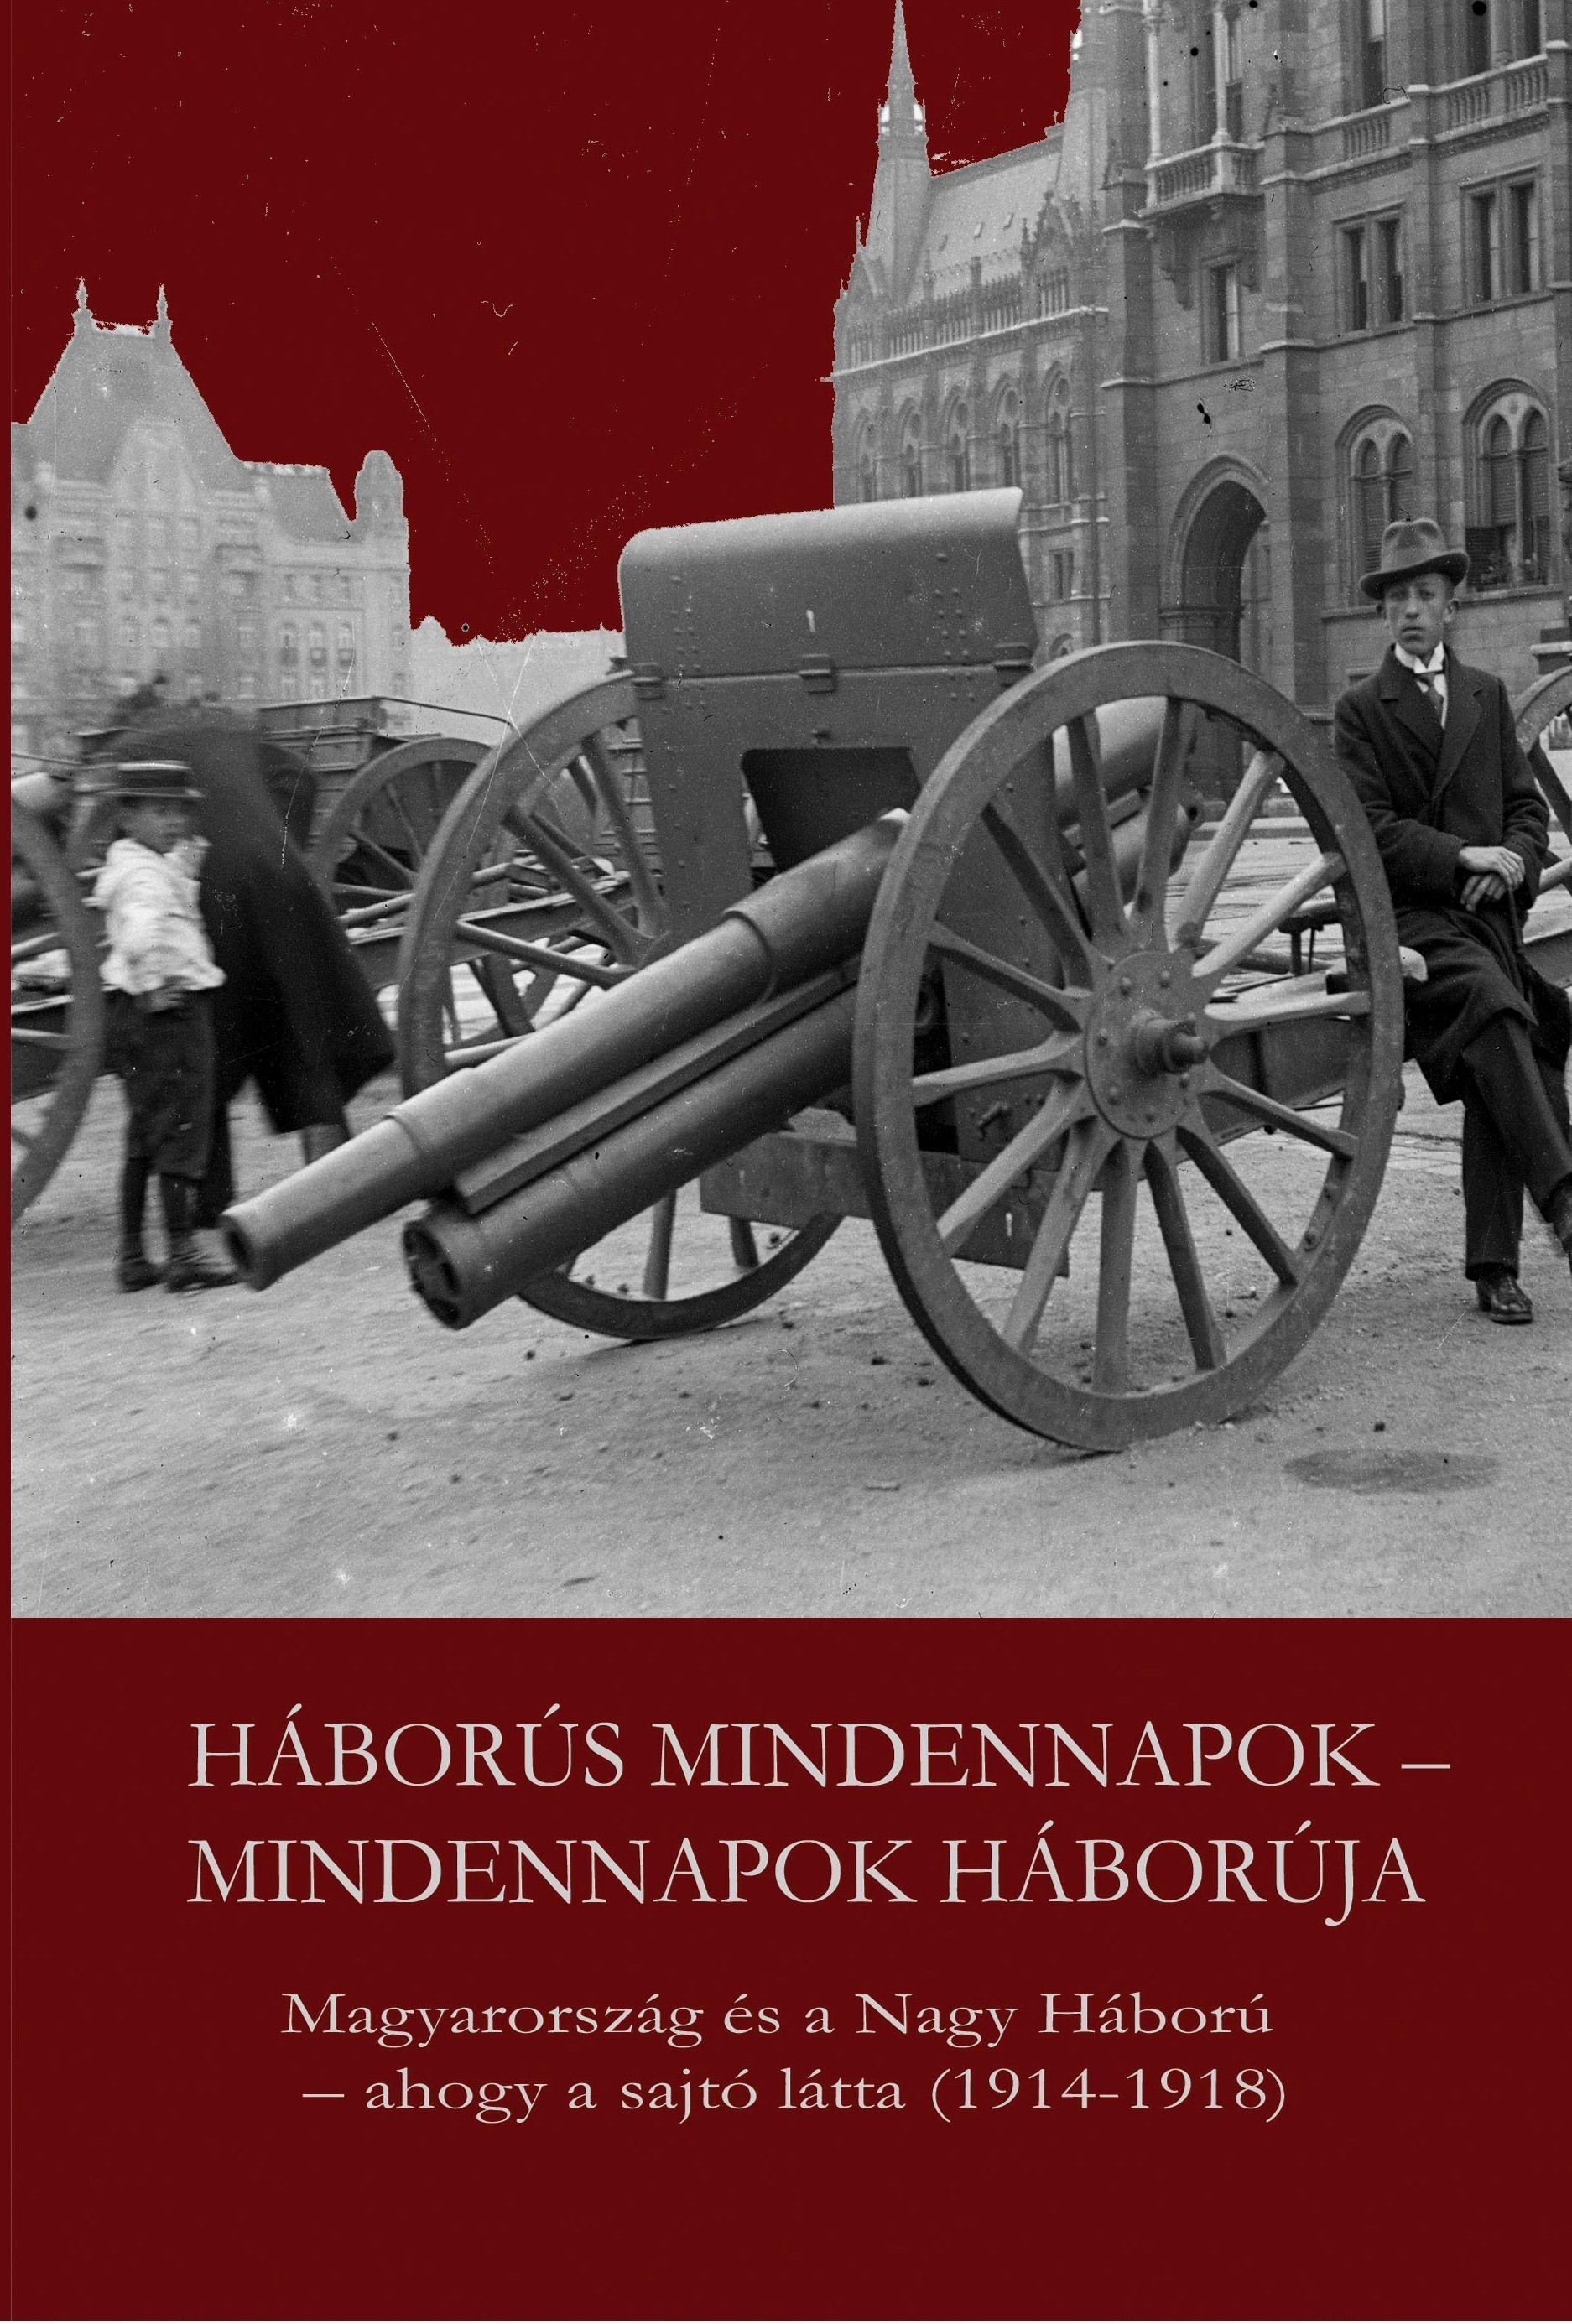 HÁBORÚS MINDENNAPOK - MINDENNAPOK HÁBORÚJA (MAGYARORSZÁG ÉS A NAGY HÁBORÚ...)